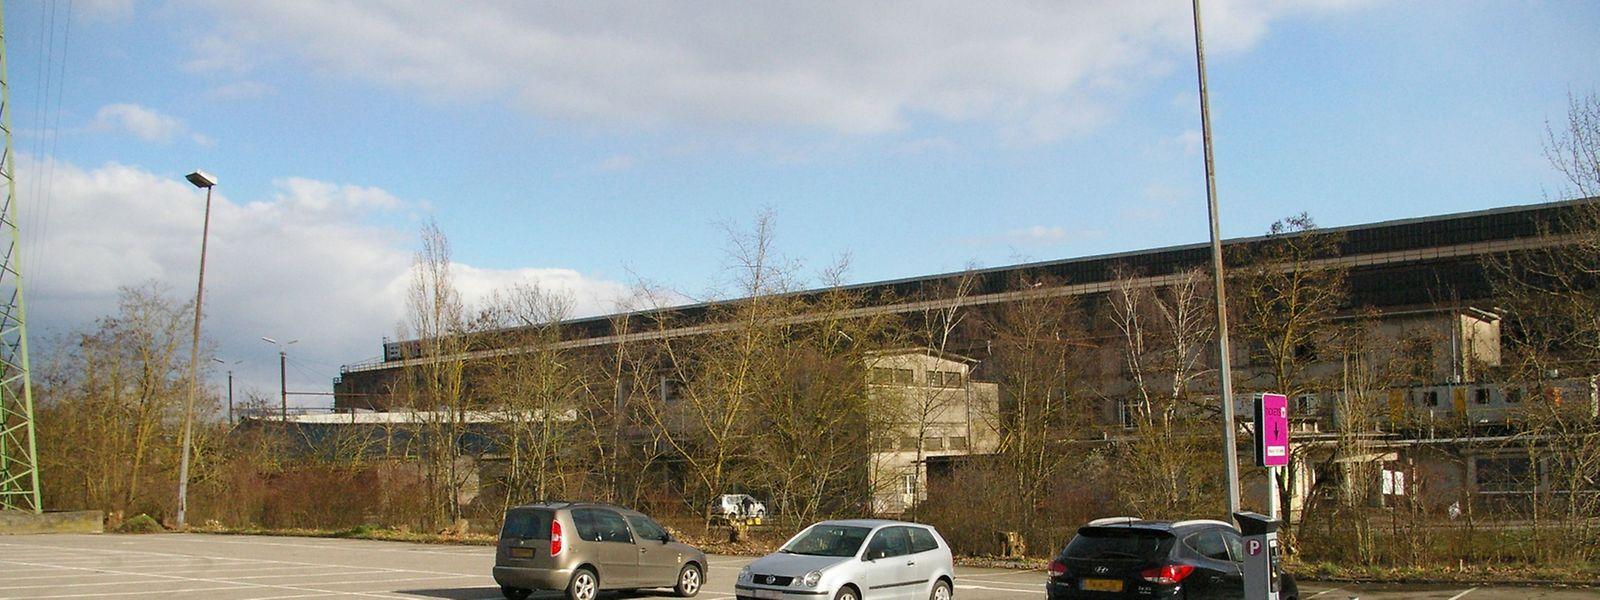 Die Escher, Schifflinger und Monnericher Rettungskräfte und Polizeieinheiten könnten eventuell auf dem Parkplatz vor dem Werksgelände neue Zentren erhalten.